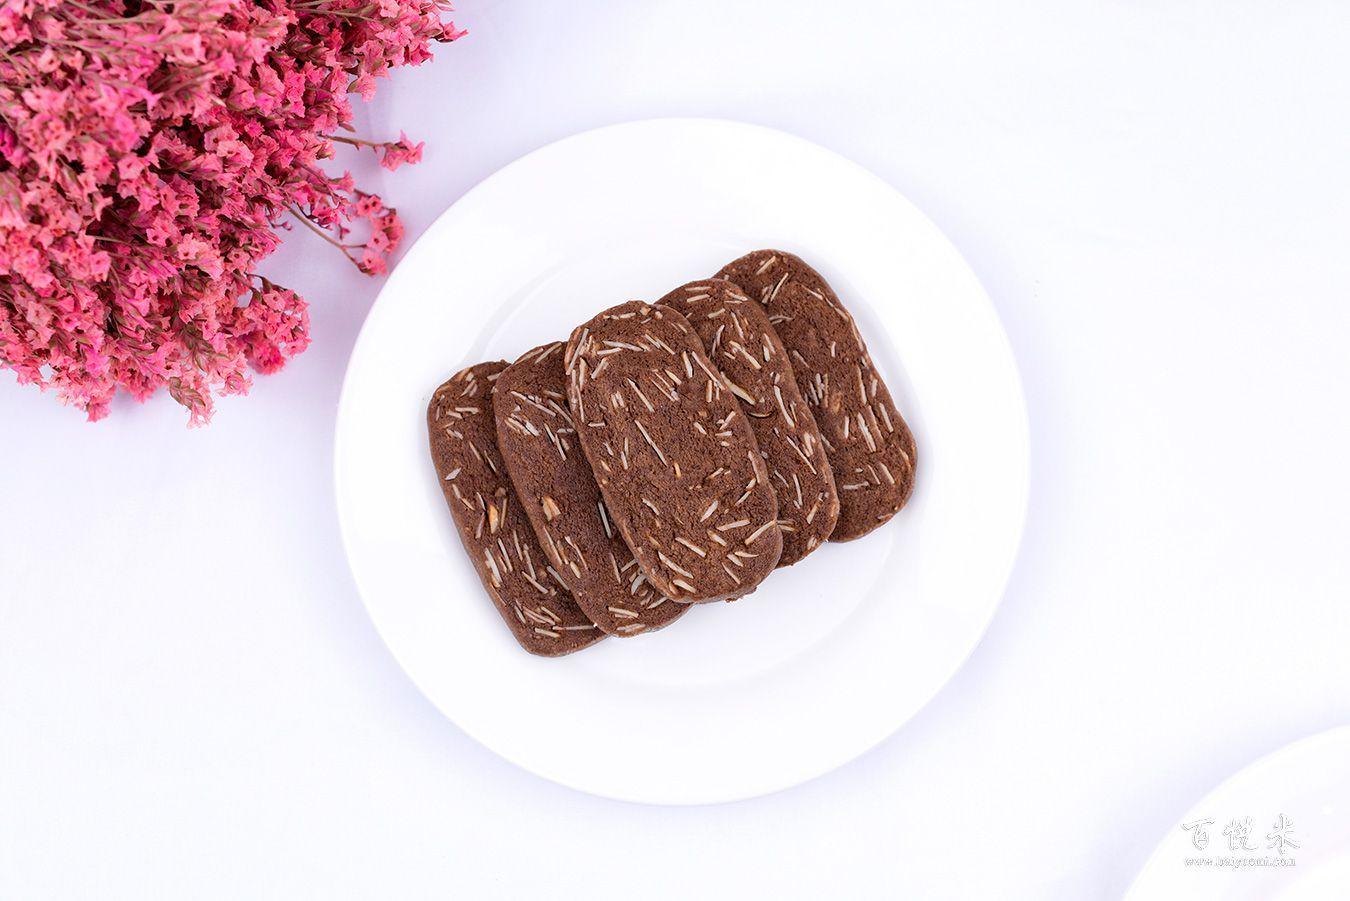 杏仁巧克力饼干高清图片大全【蛋糕图片】_347